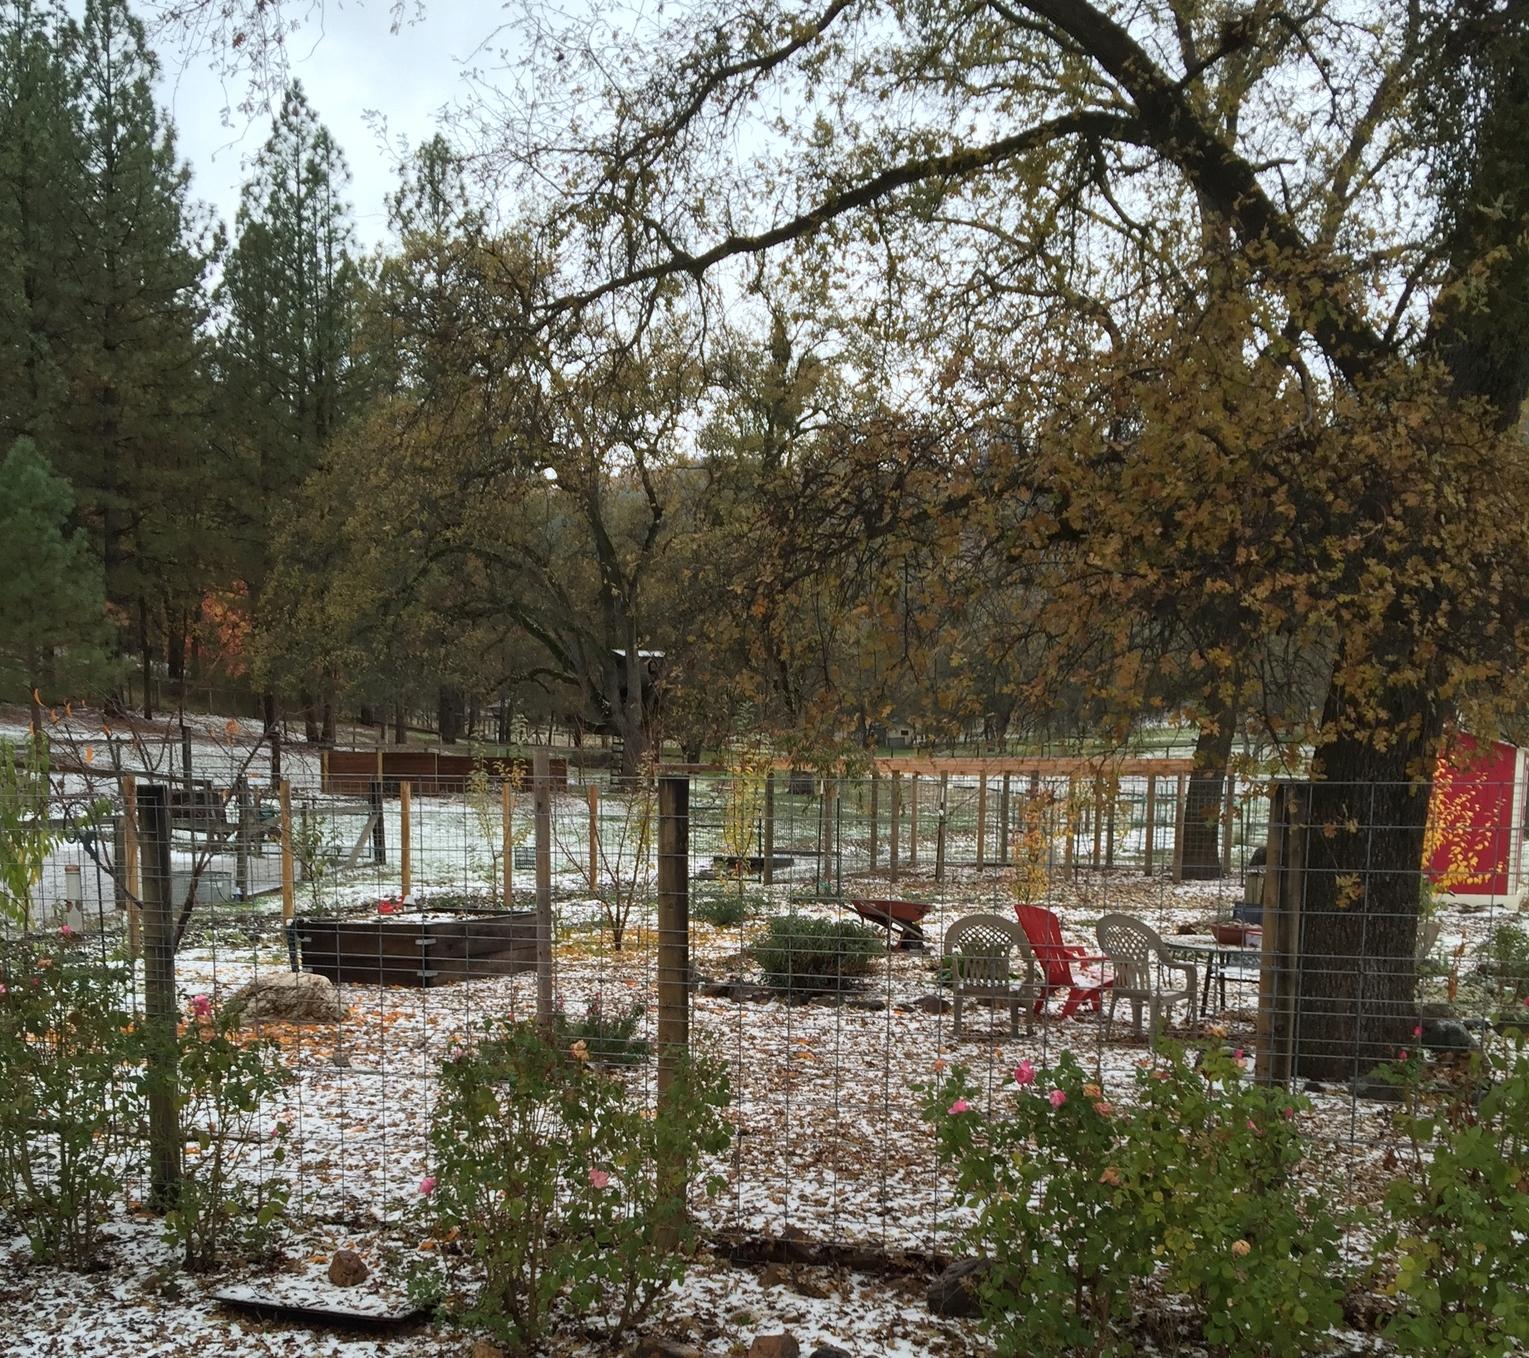 News from Oak Creek Ranch: 11/1/15 - 12/1/15